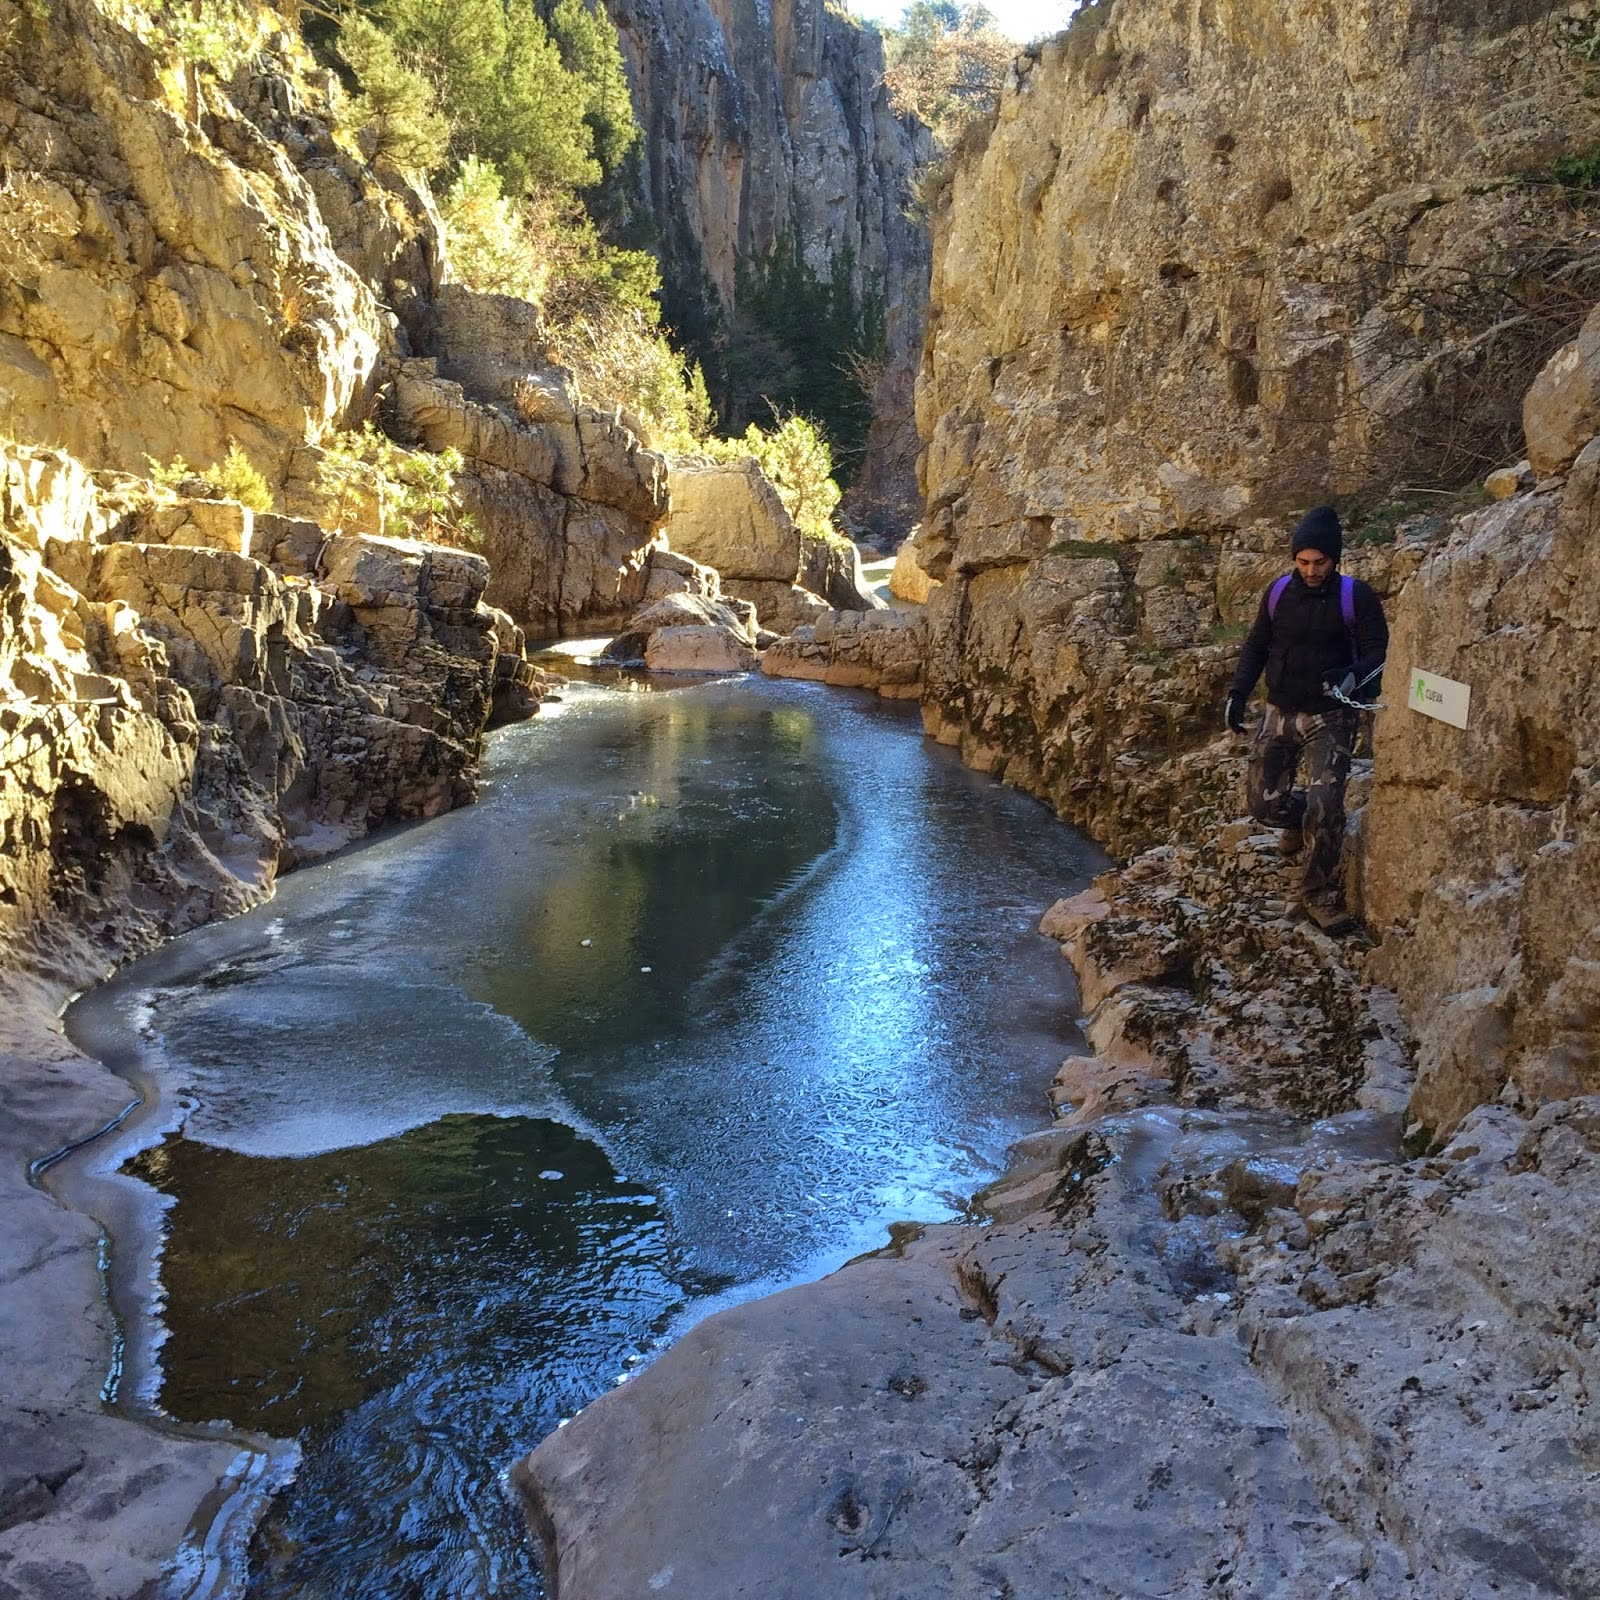 Hidrologia Y Conservacion Estrechos De La Hoz - Estrechos